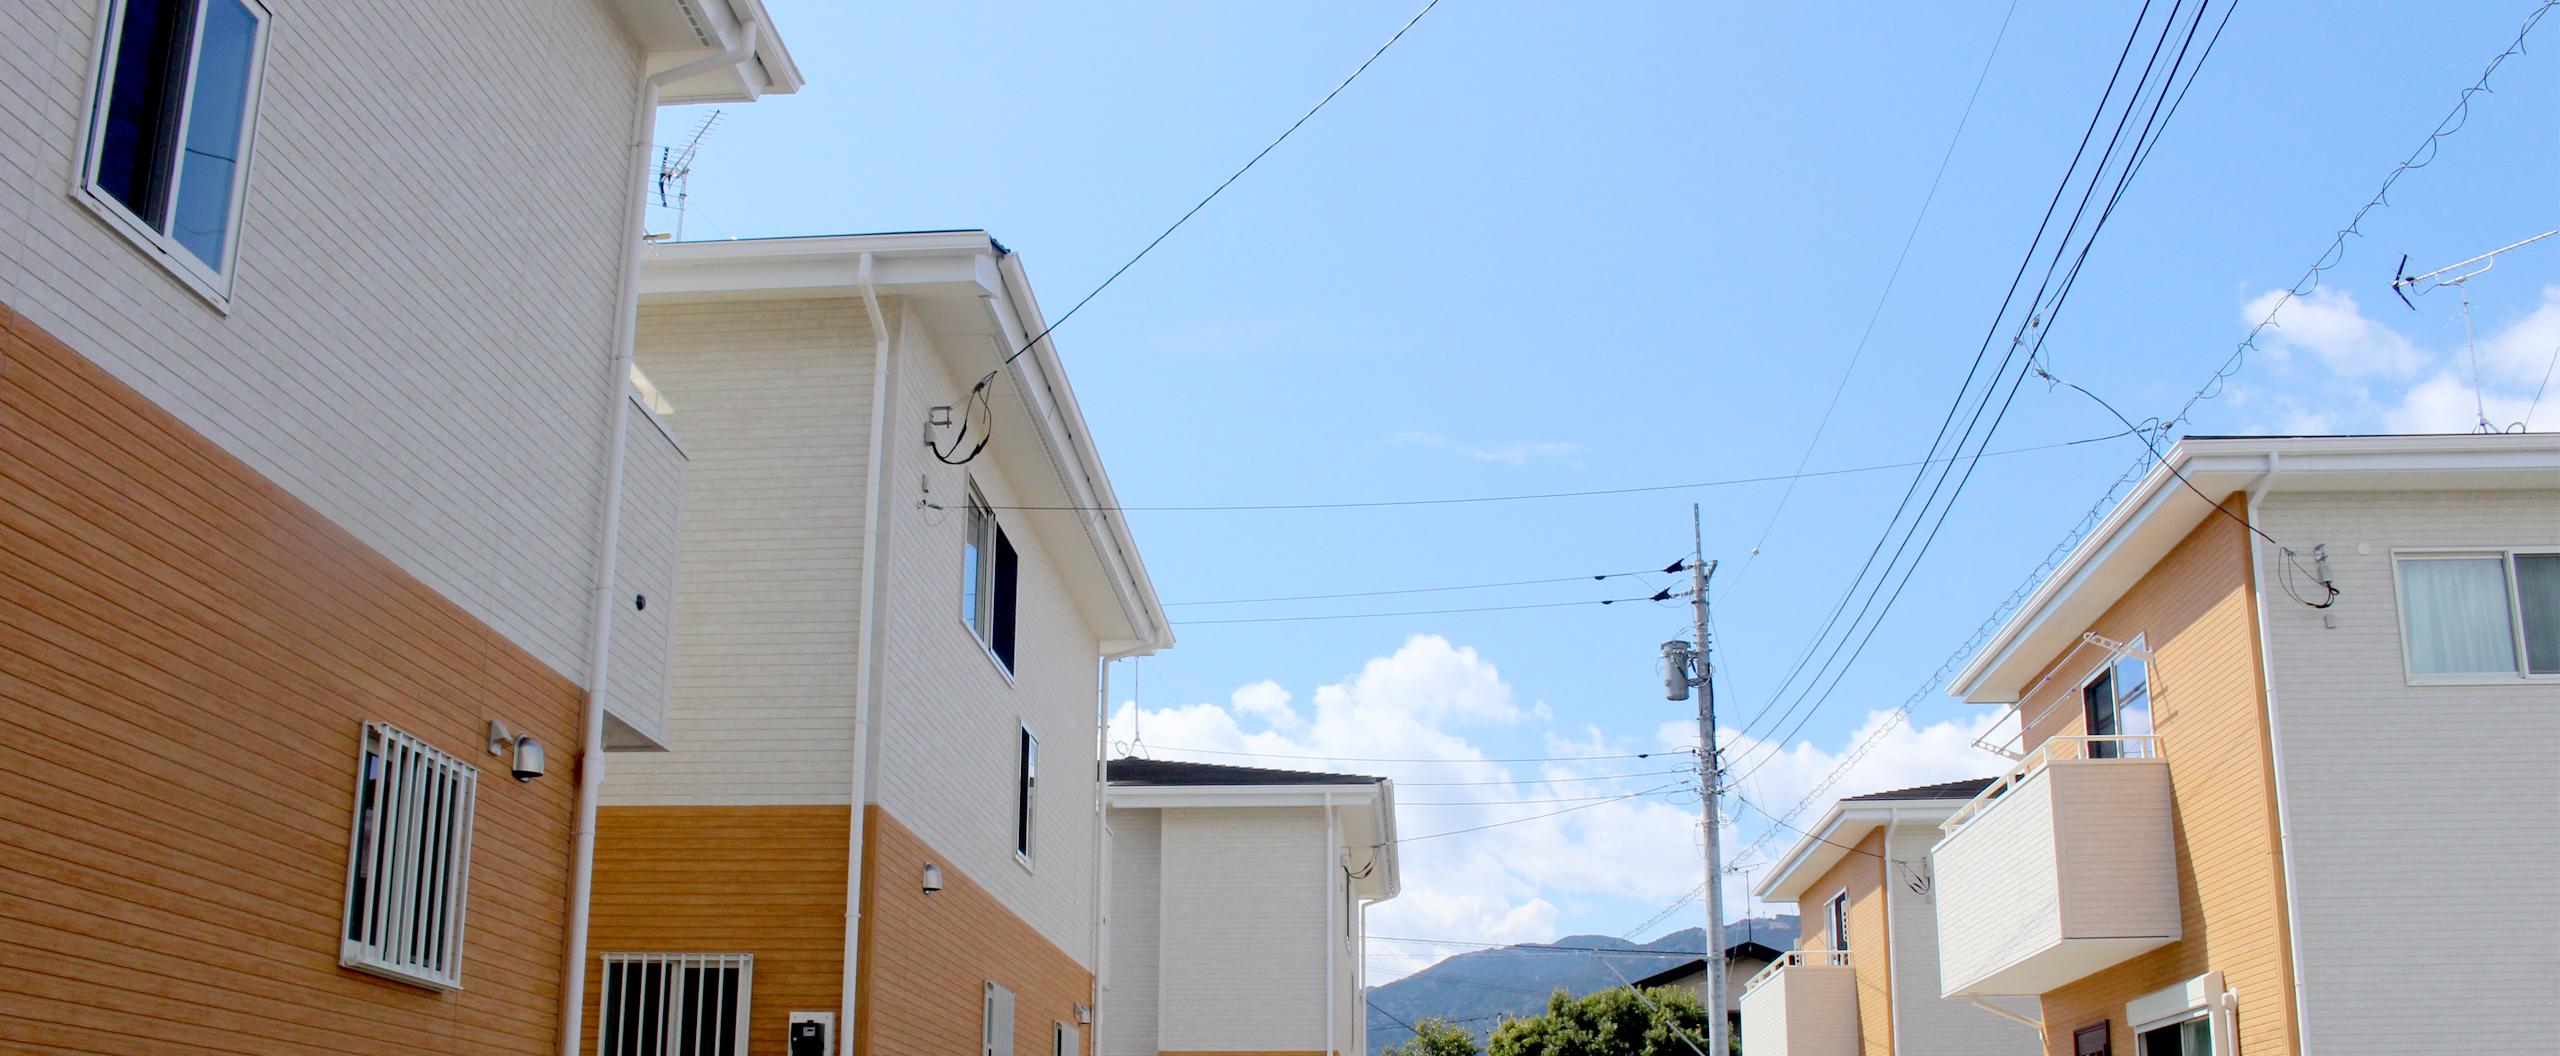 静岡県富士宮市の総合建設業・一級建築士事務所。新築、増築、内装すべてのコーディネートを素敵にご提案いたします